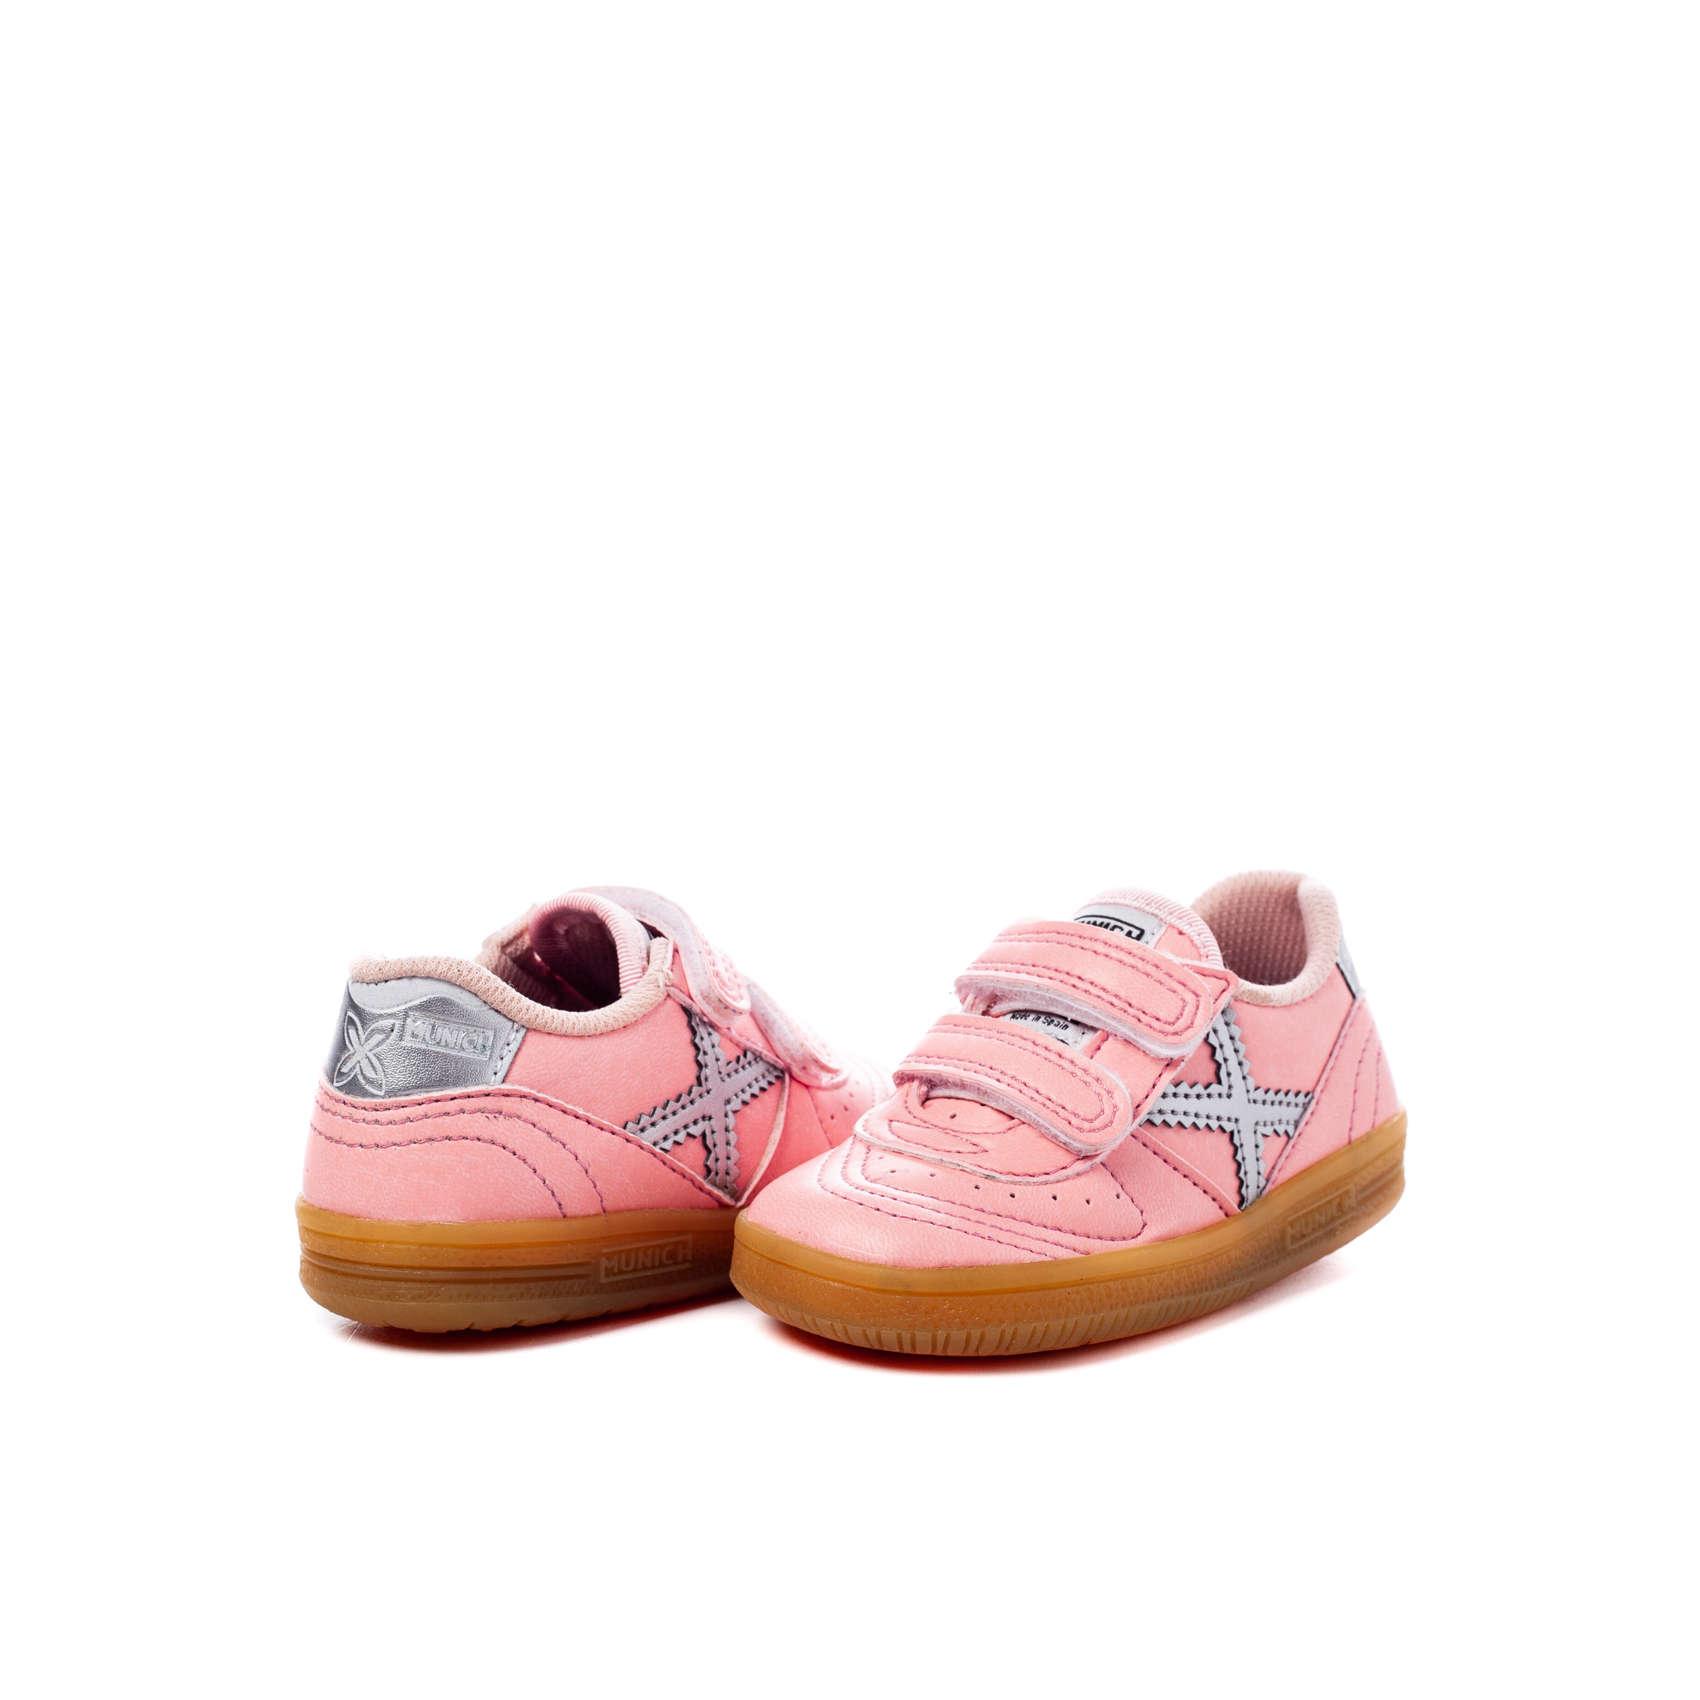 BABY GRESCA 294